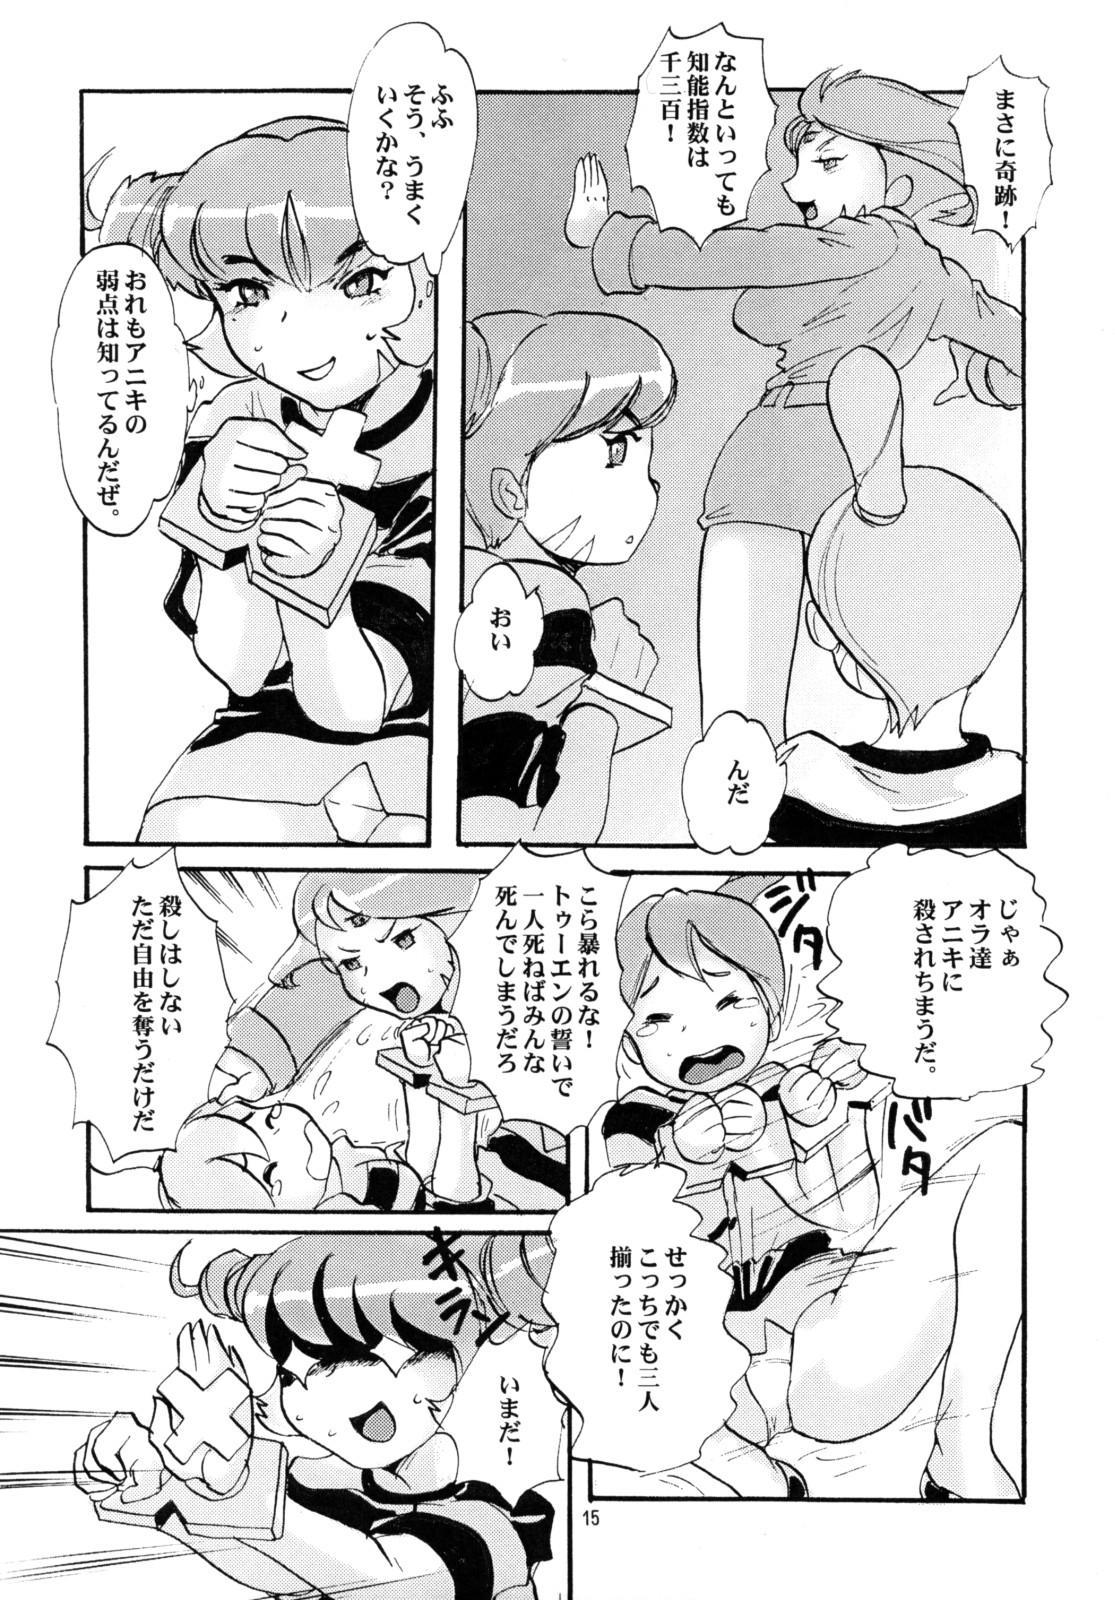 Momo-an 22 13